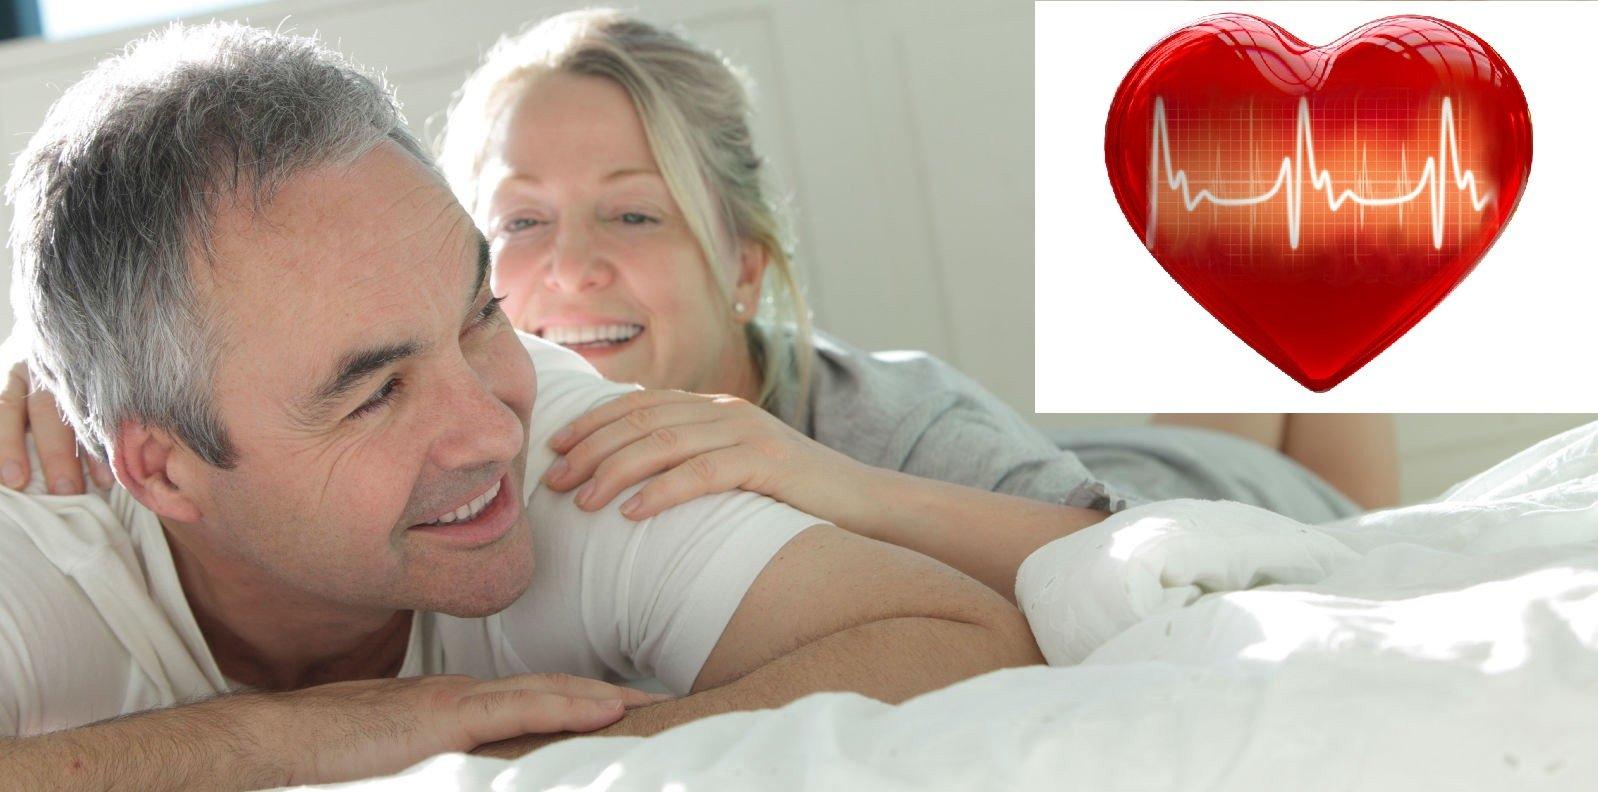 современного рынка таковы, порно видео секс с фигуристой шатенкой попали самую